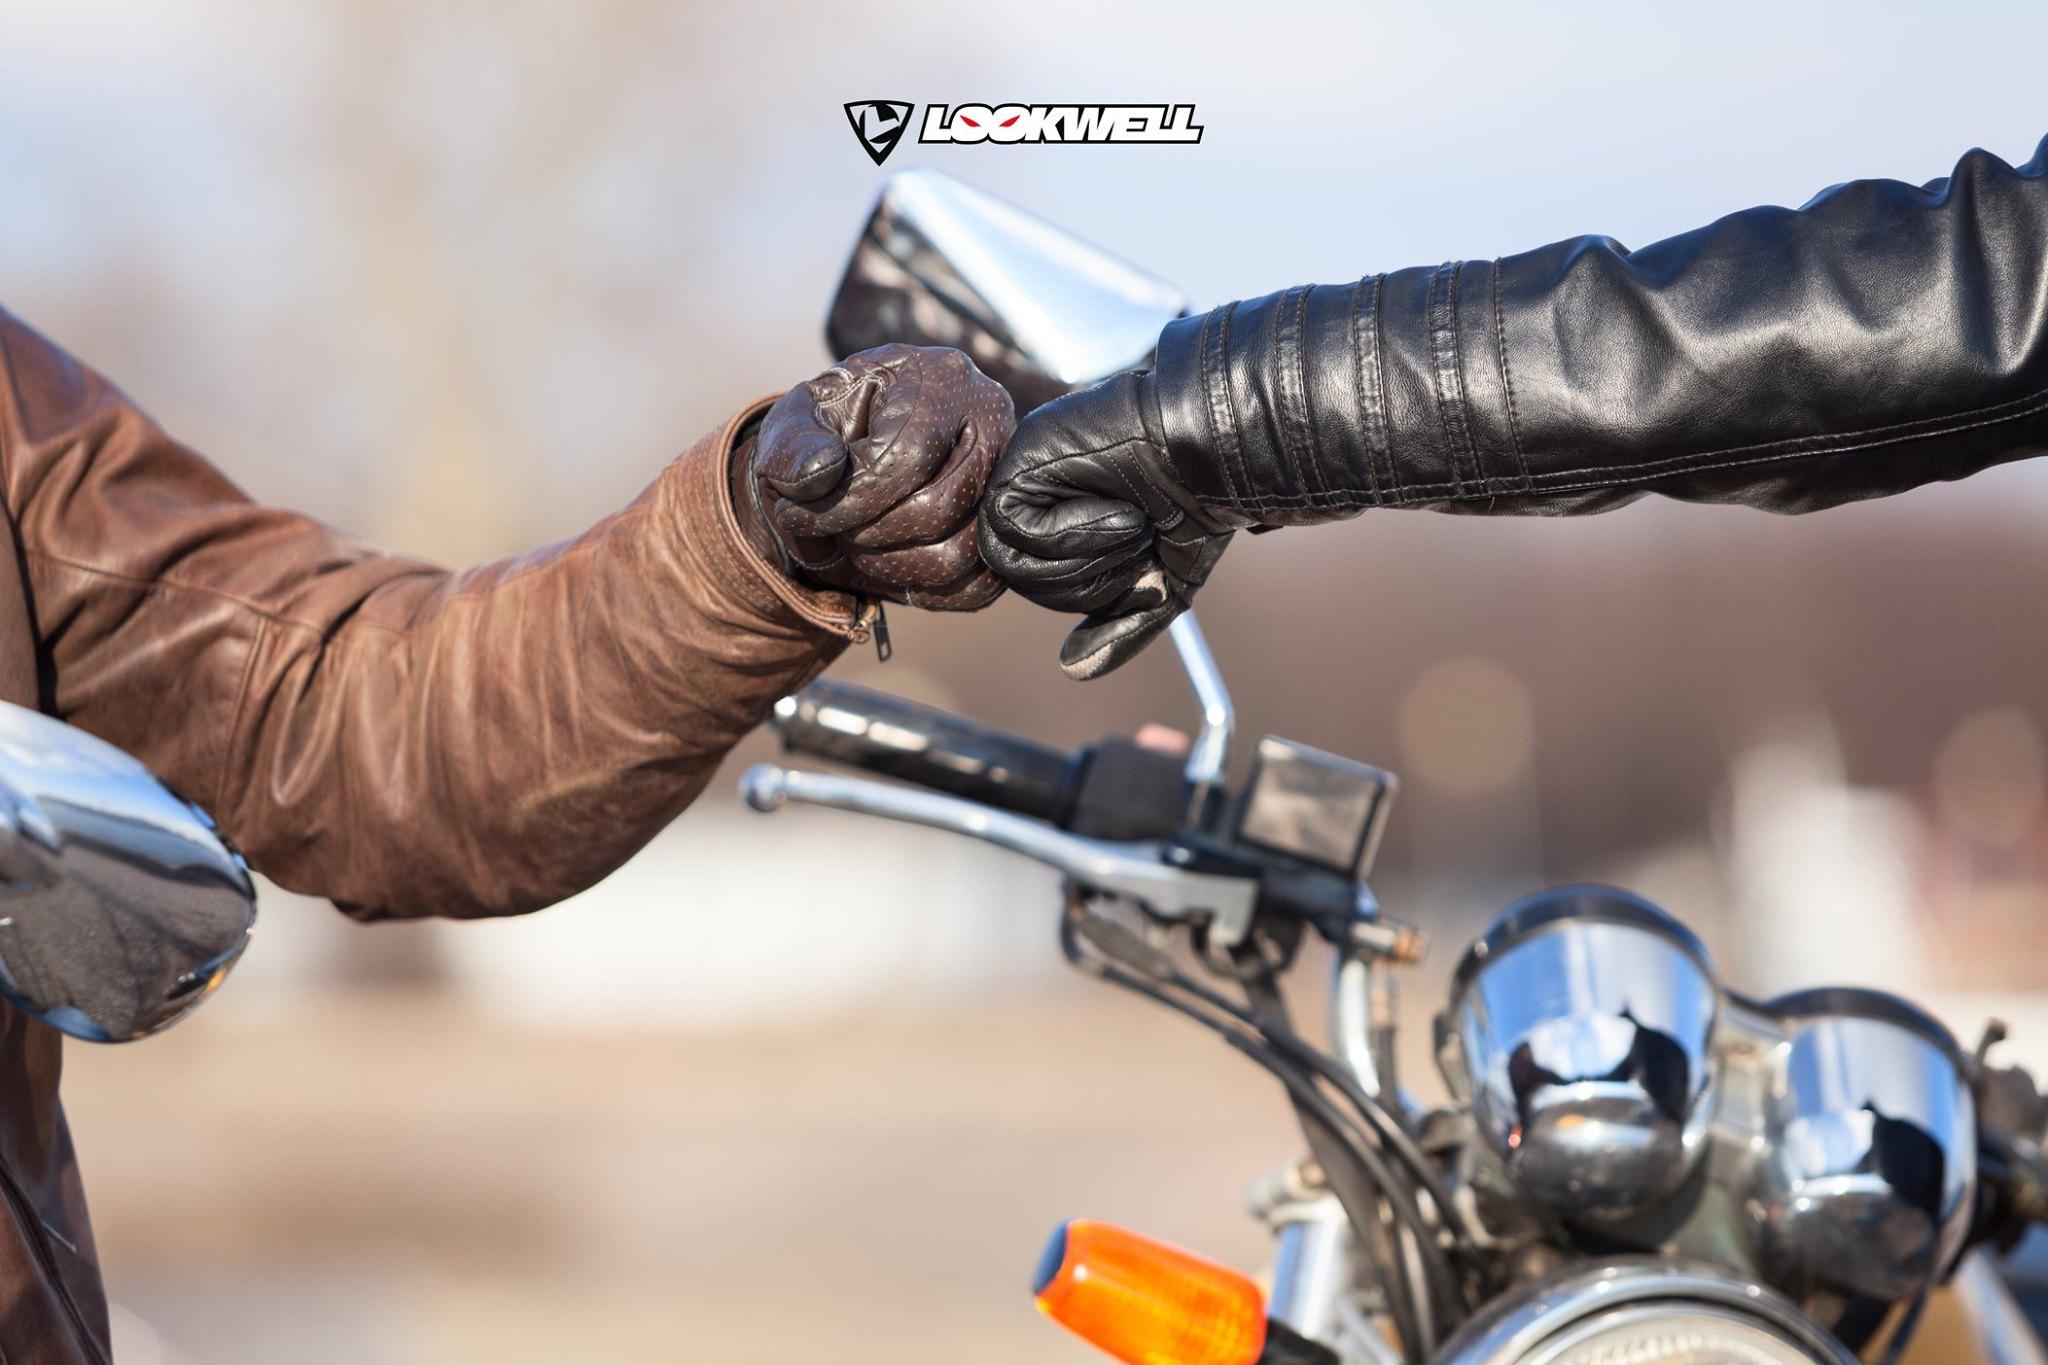 Nové motocyklové rukavice Lookwell 2021